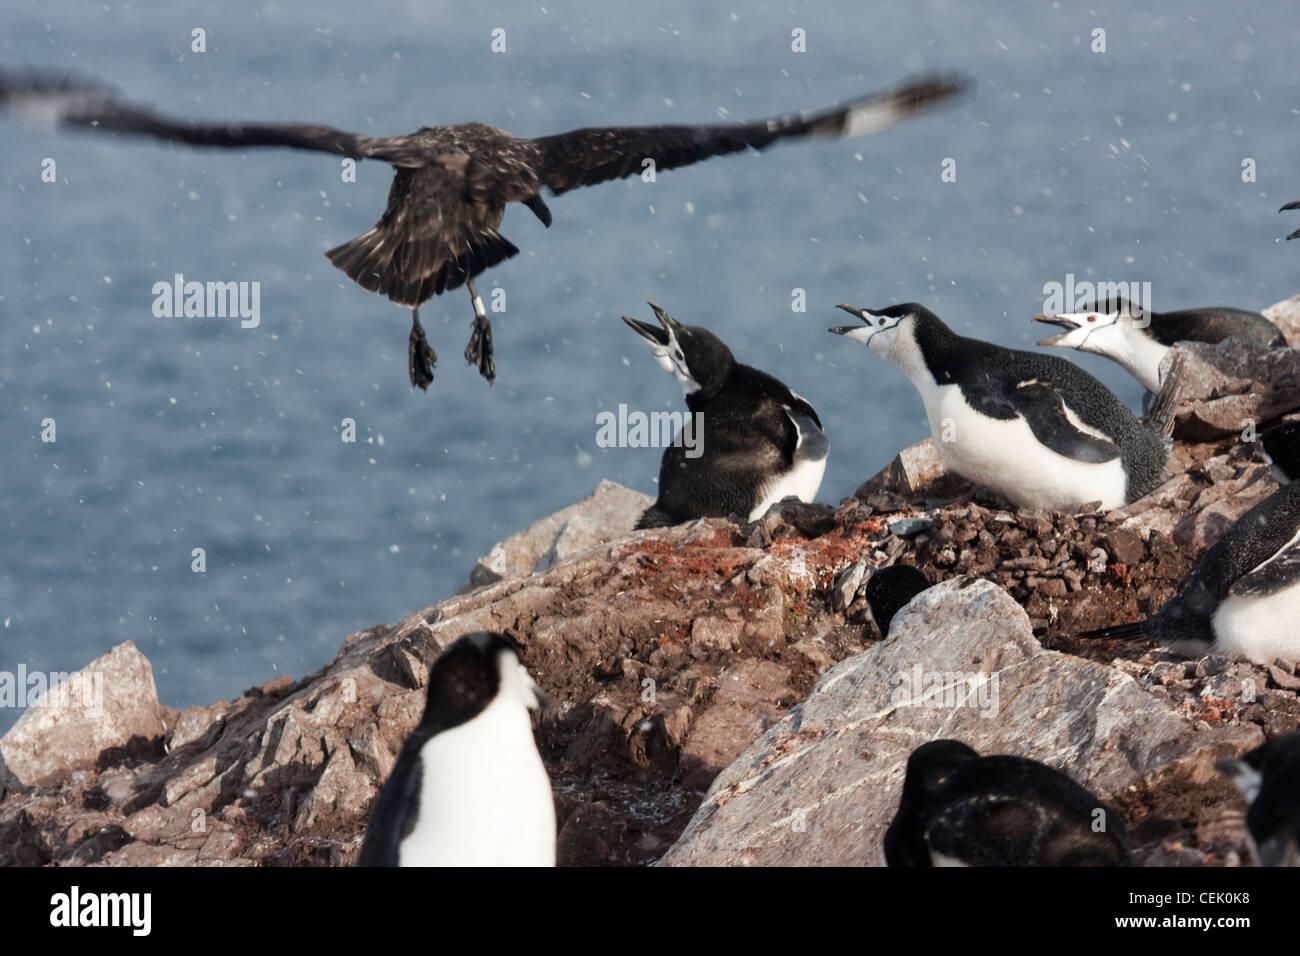 Skua bird flying penguin et attaquant dans son nid sur le bord d'une falaise dans l'Antarctique Banque D'Images